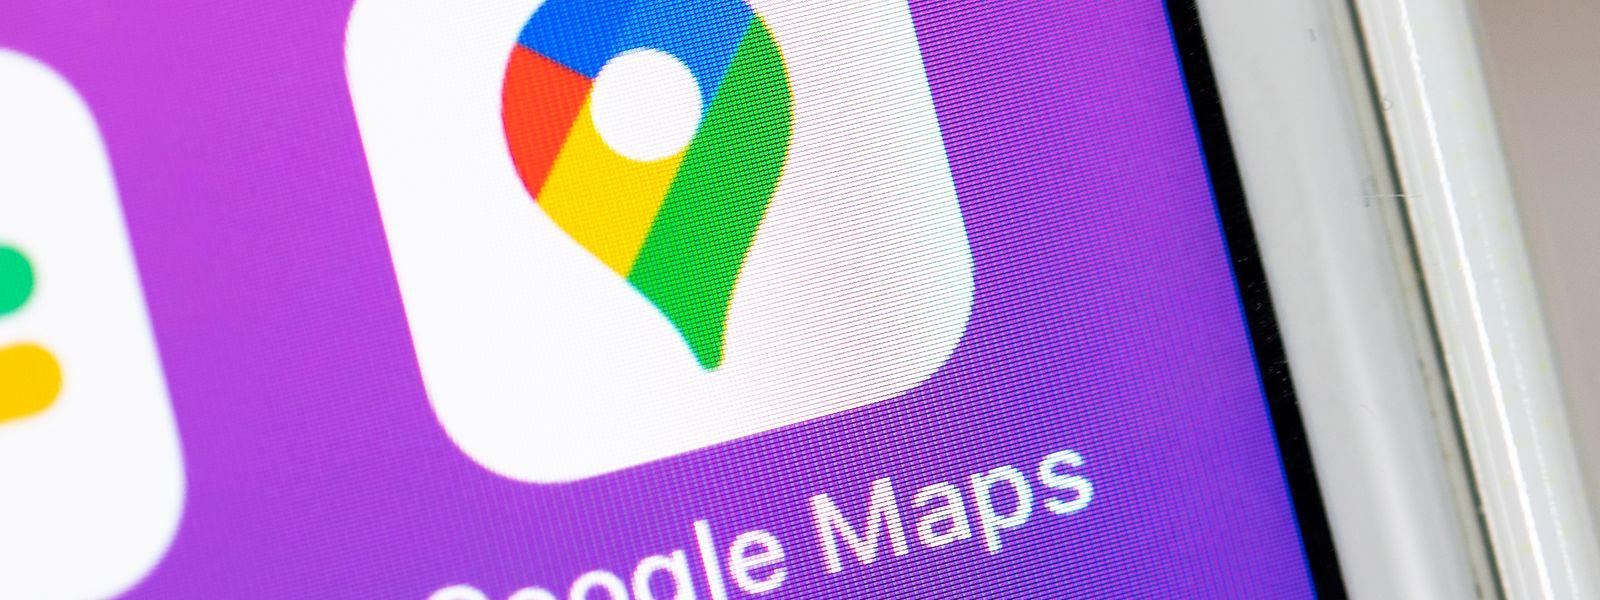 Google Maps ist zumindest aufAndroid-Geräten der Standard in Sachen Karten und Navigation.